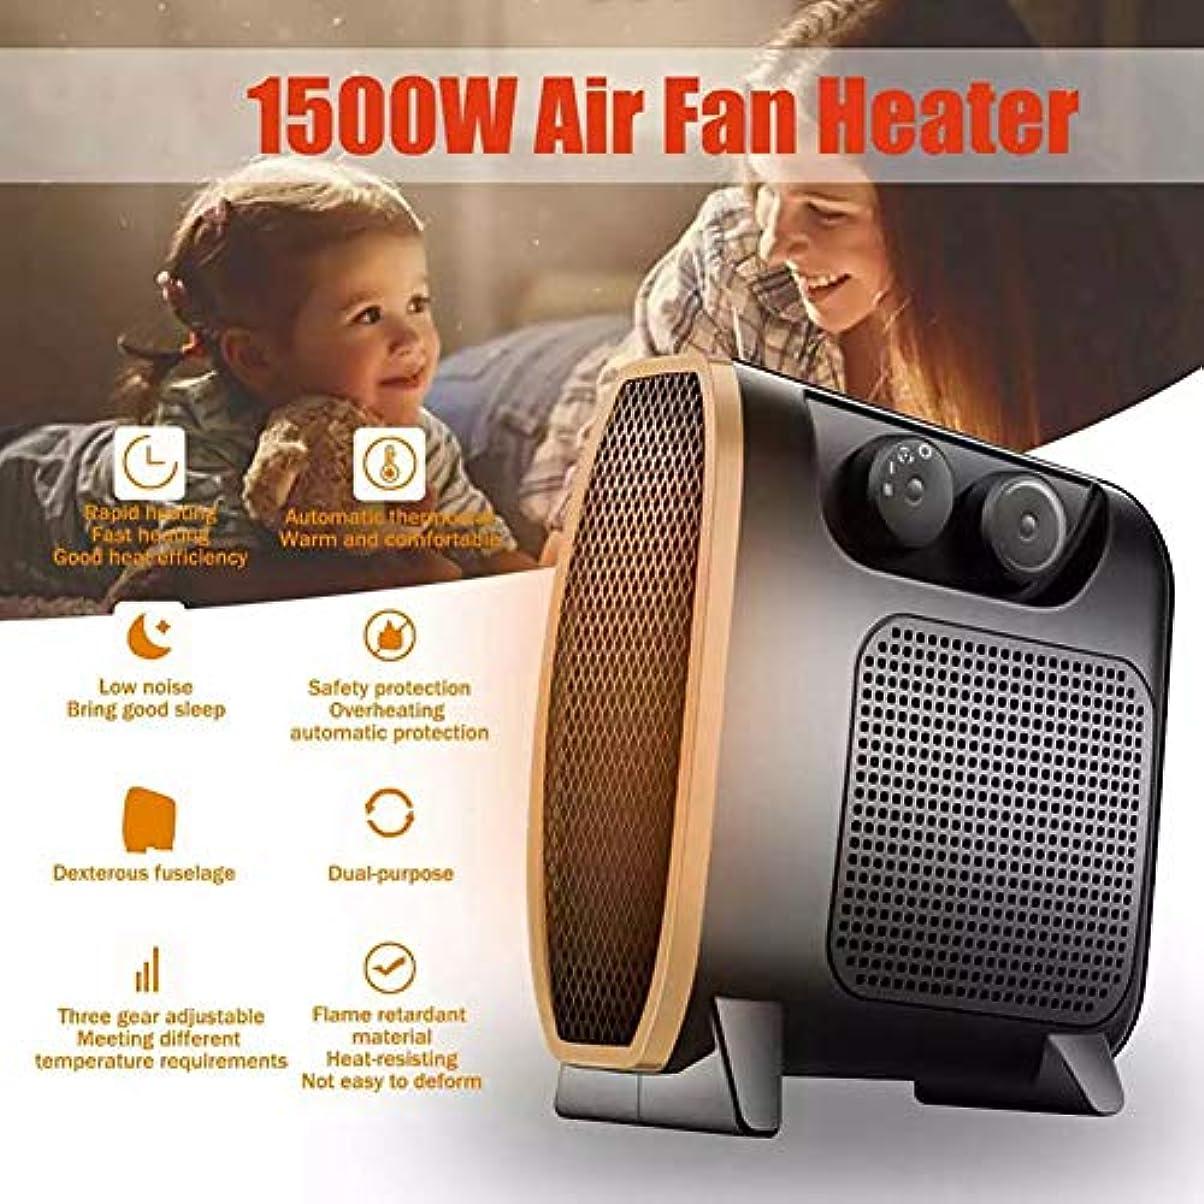 チャレンジ望み私たち自身ポータブル扇風機ヒーター、ホームオフィスのベッドルームのための可変温度と1500Wフラット/アップライト扇風機ヒーター